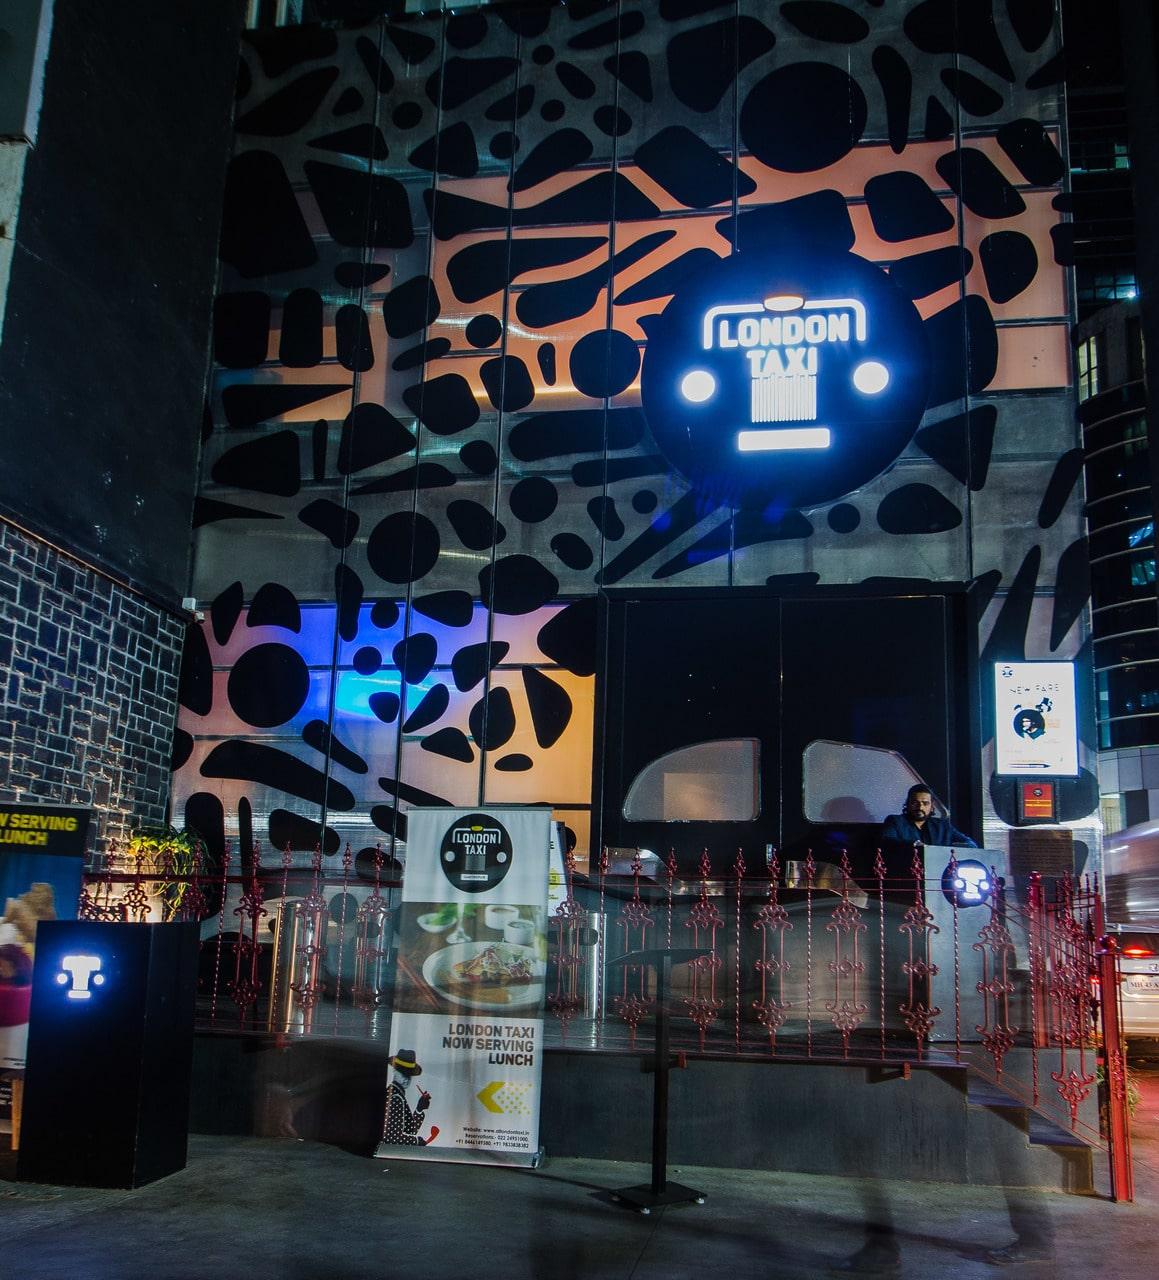 london-taxi-bar-diner-lounge-interior-design-parel-mumbai-11